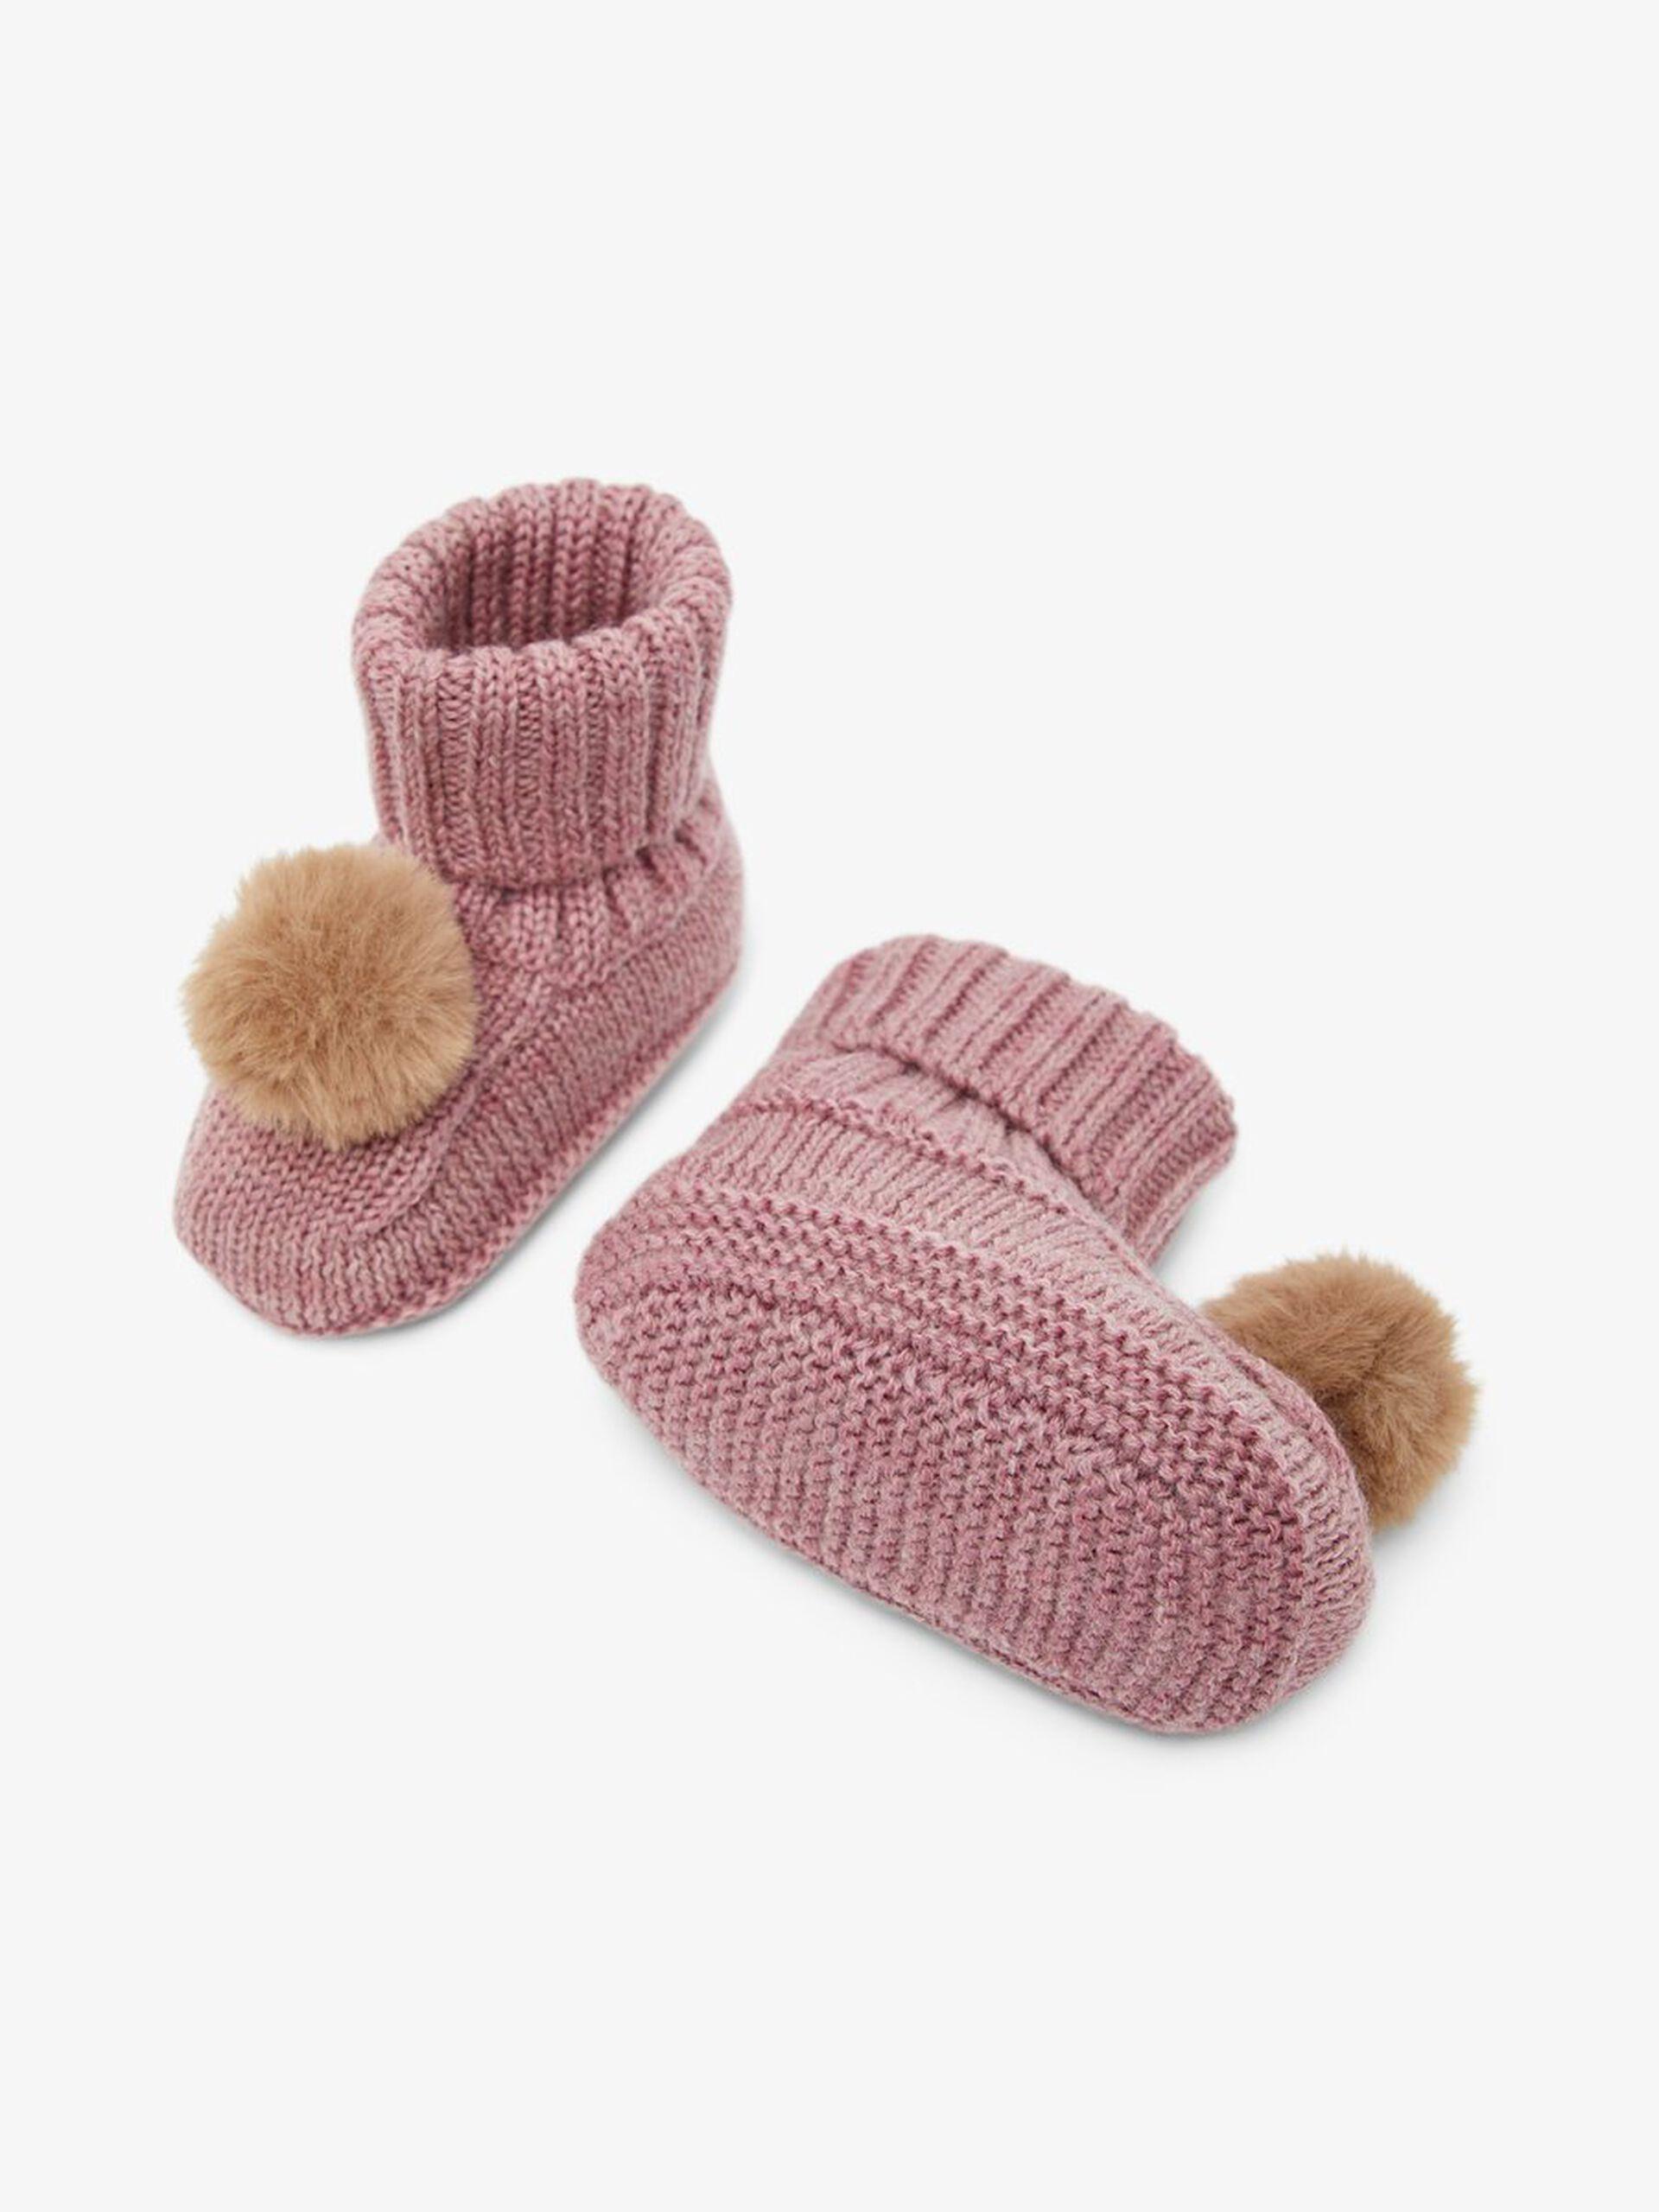 Rosa slippers i ull